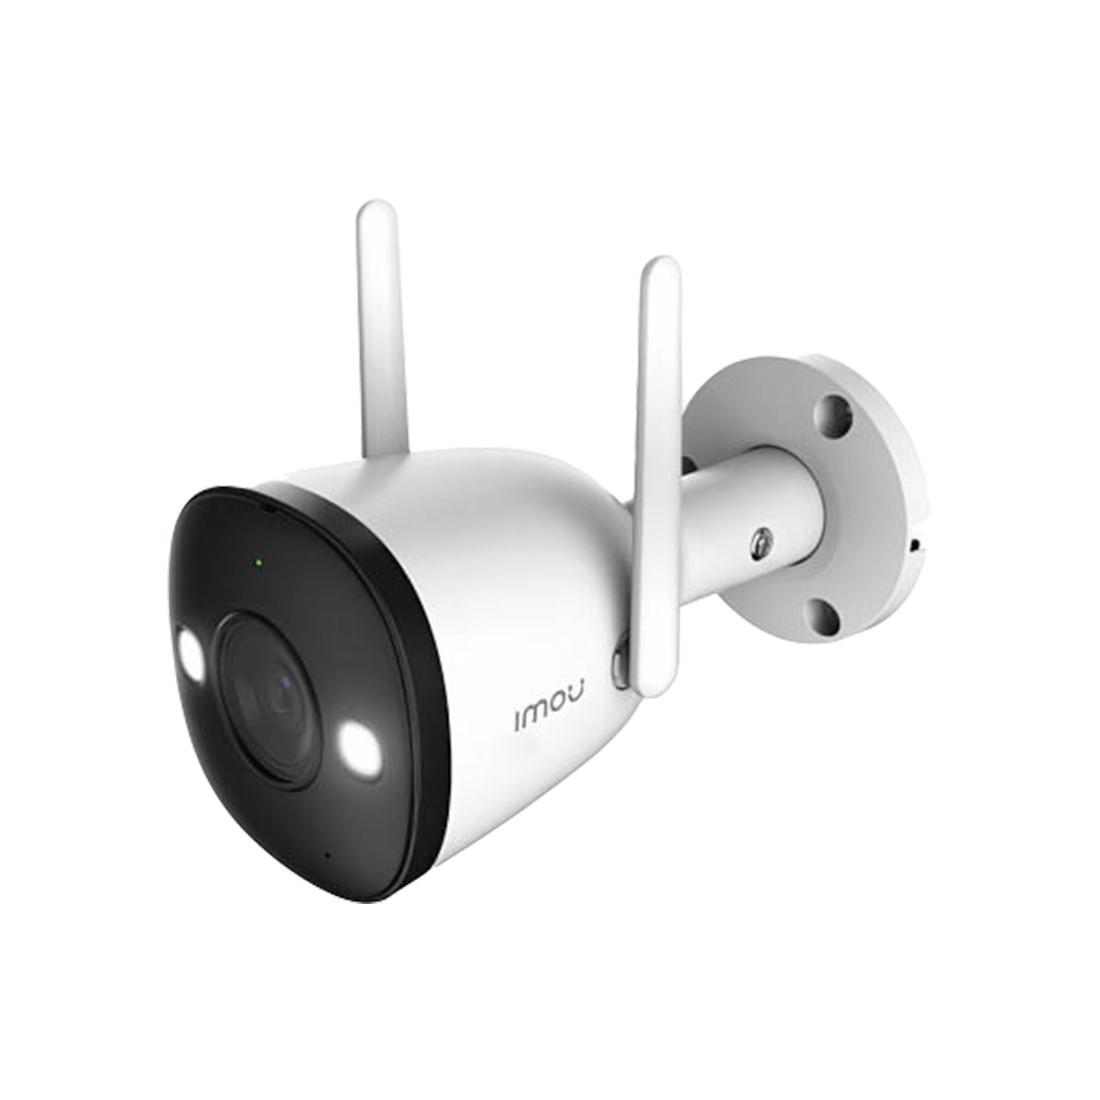 IMOU Bullet 2E Wi-Fi видеокамера